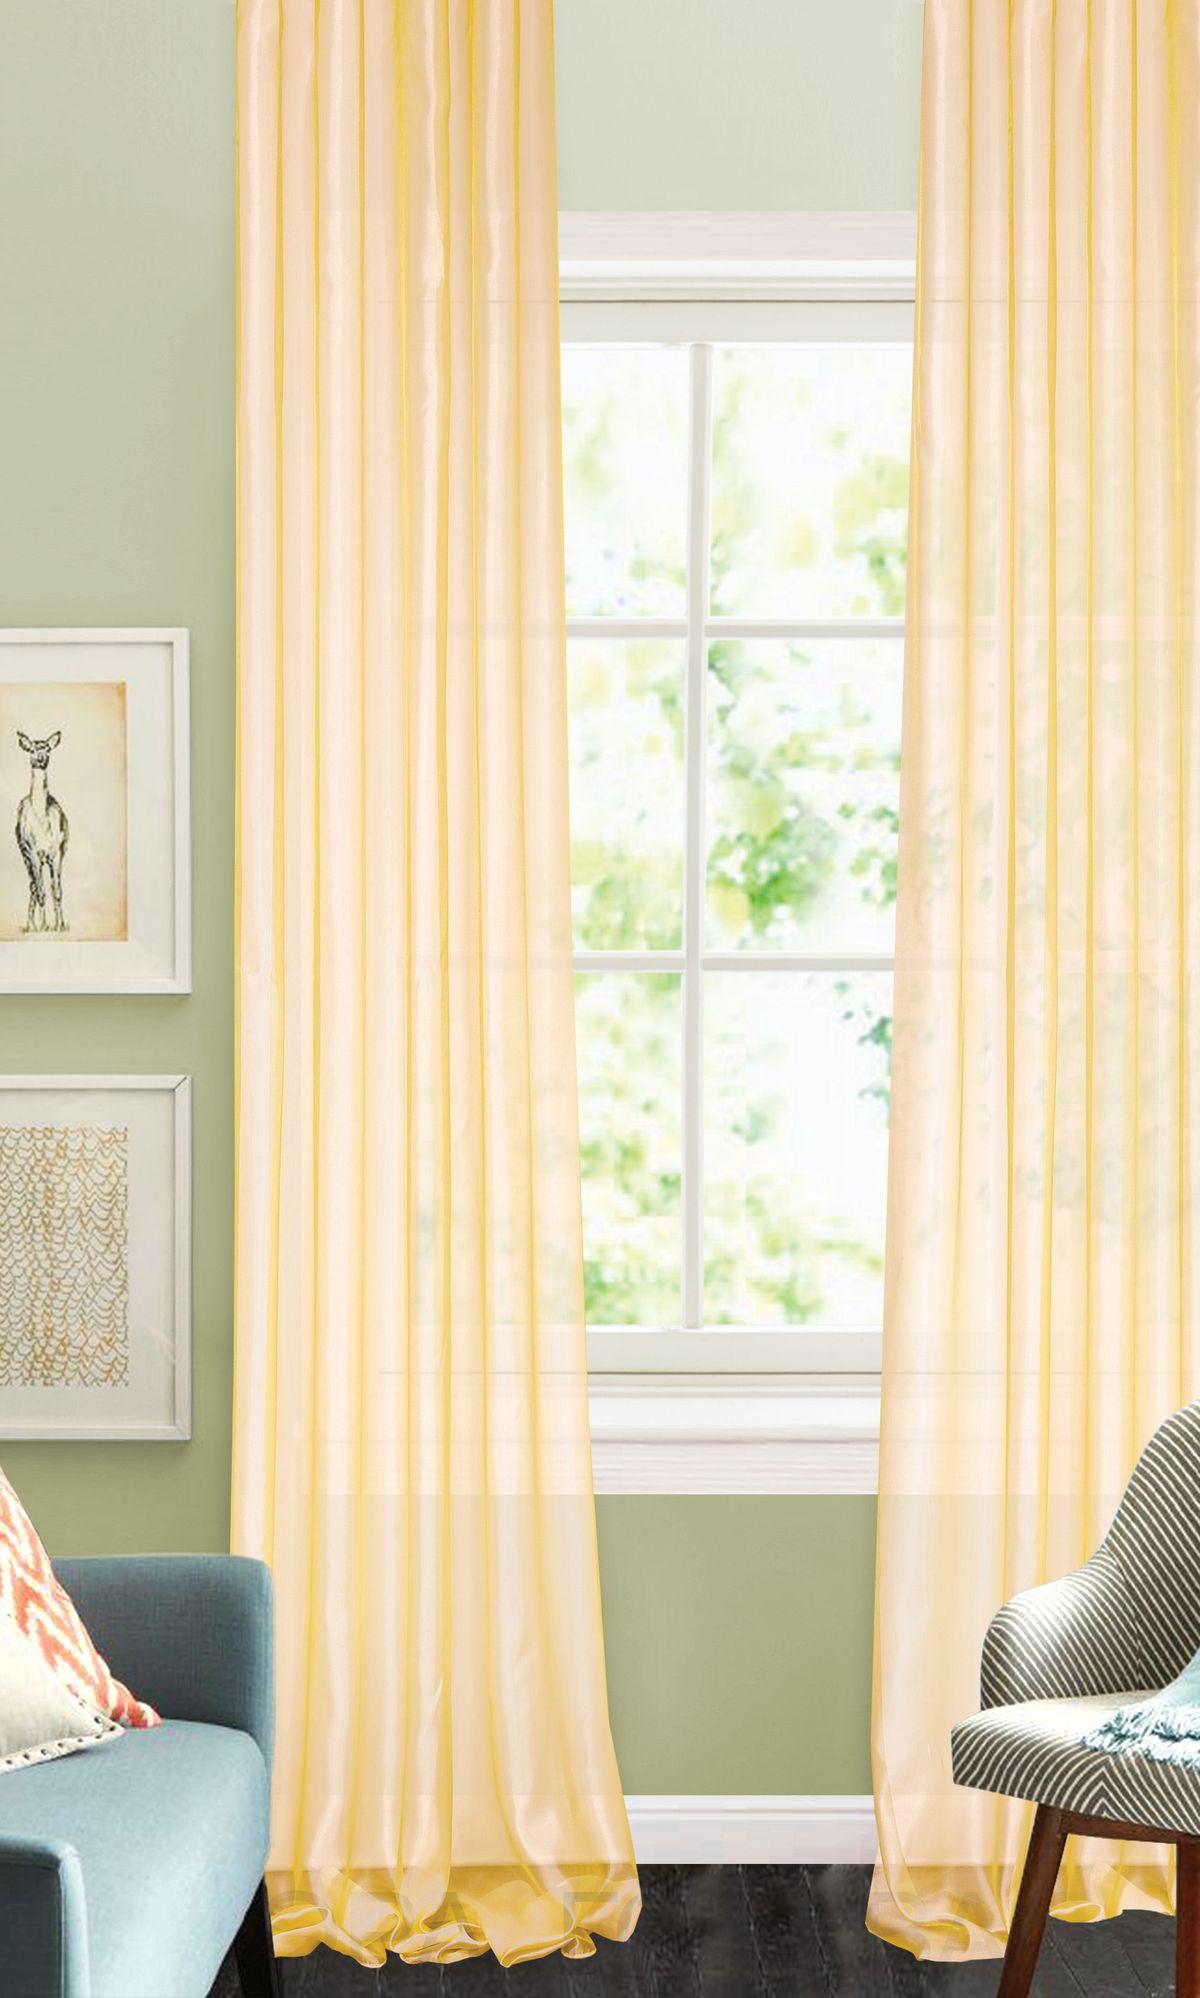 Штора готовая Garden, на ленте, цвет: желтый, 450х270 см. С W875 450х270 V840.13.64.0258Изящная штора для гостиной Garden выполнена из легкой ткани с оригинальной структурой. Приятная текстура и цвет штор привлекут к себе внимание и органично впишутся в интерьер помещения. Штора крепится на карниз при помощи ленты, которая поможет красиво и равномерно задрапировать верх.